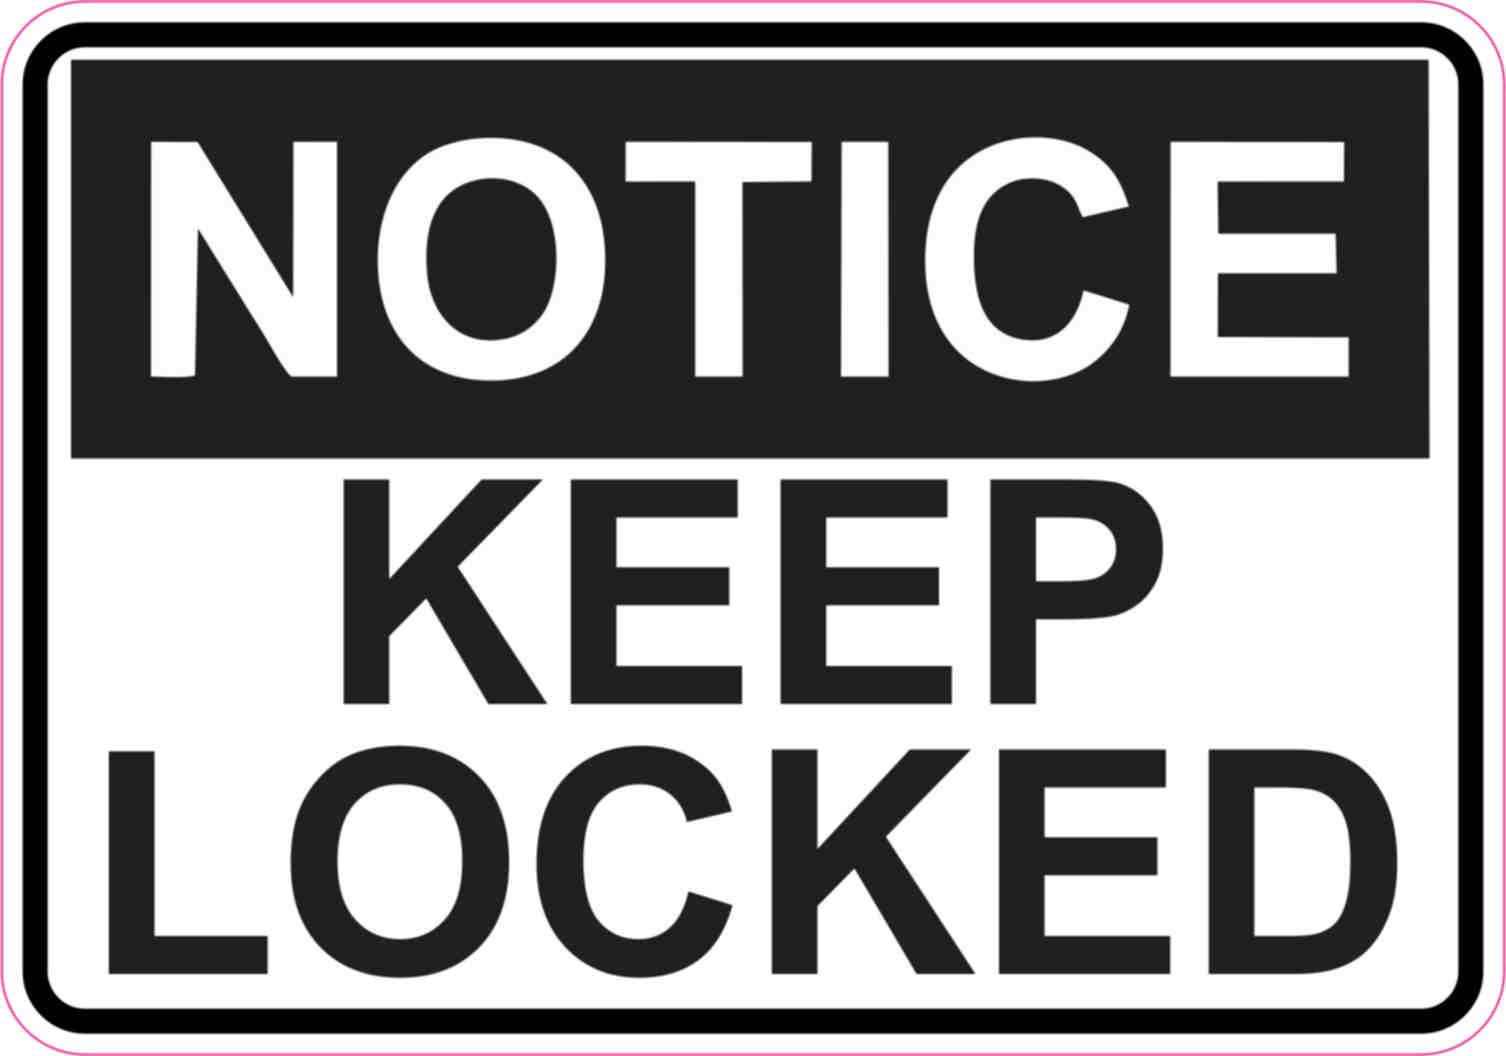 5 inches by 3.5 inches StickerTalk Notice Keep Shut and Locked Vinyl Sticker